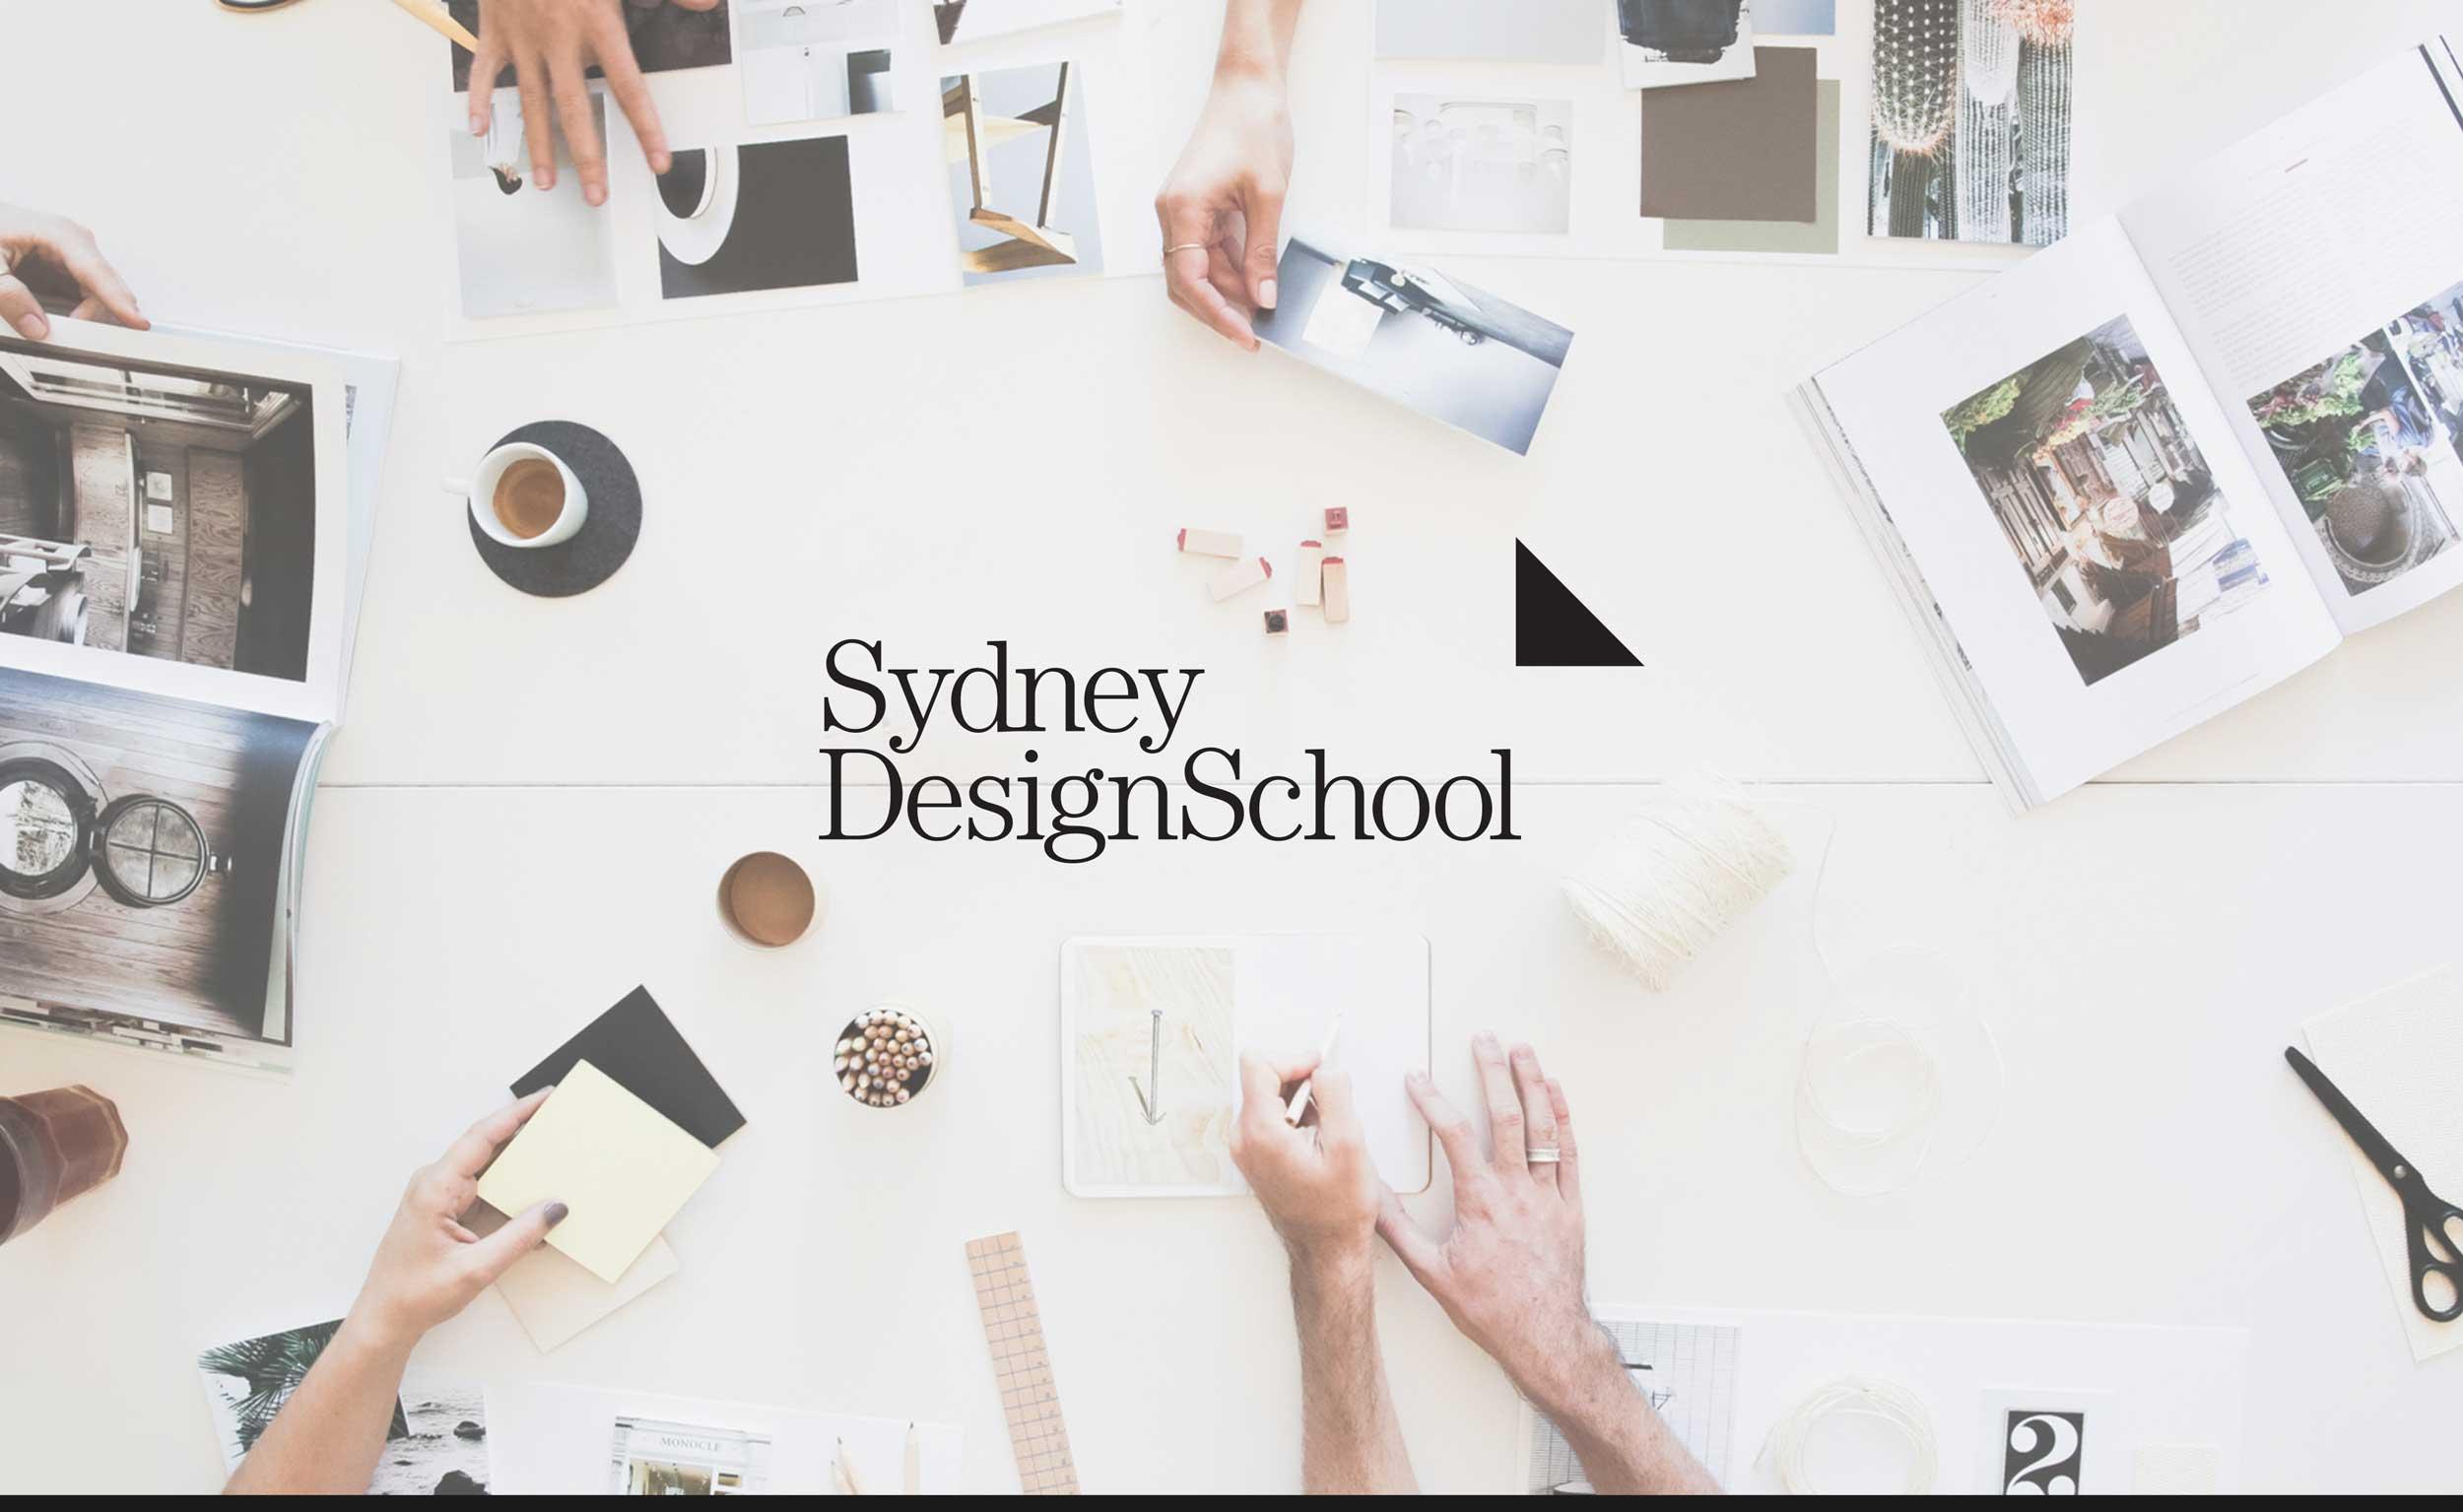 Chris Rae Design Sydney - Sydney Design School 002.jpg